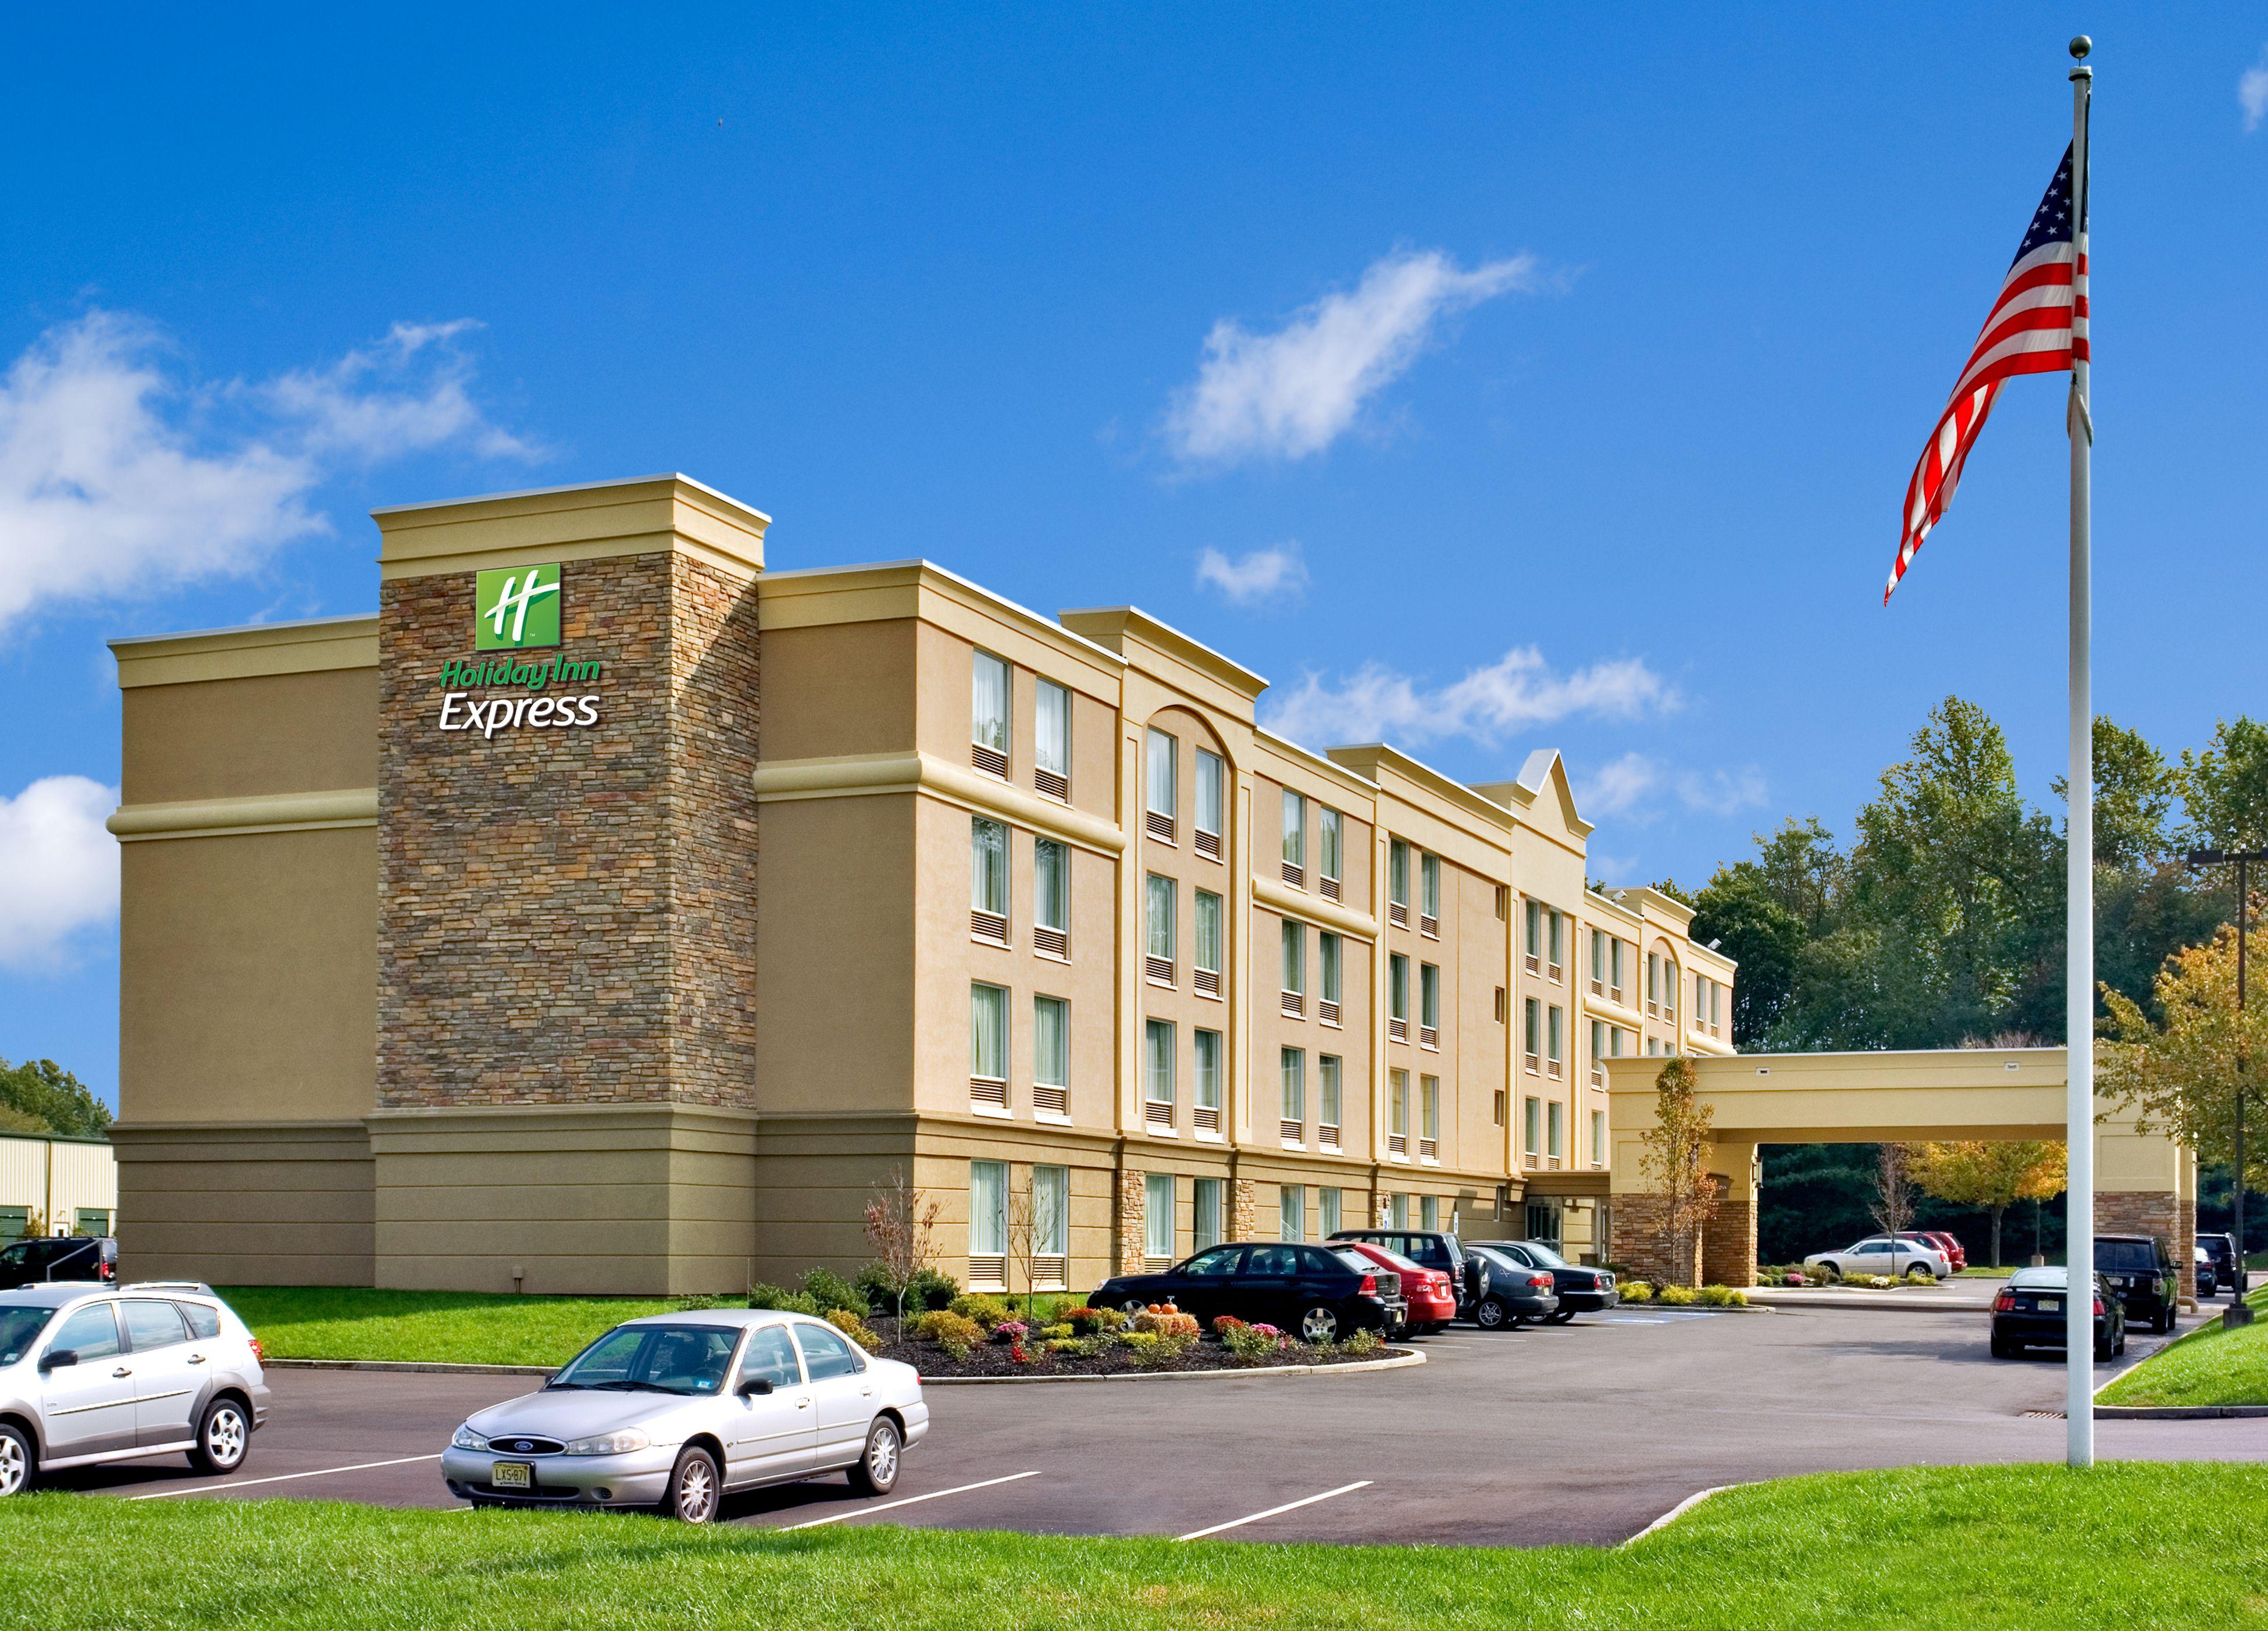 West Jefferson Motels